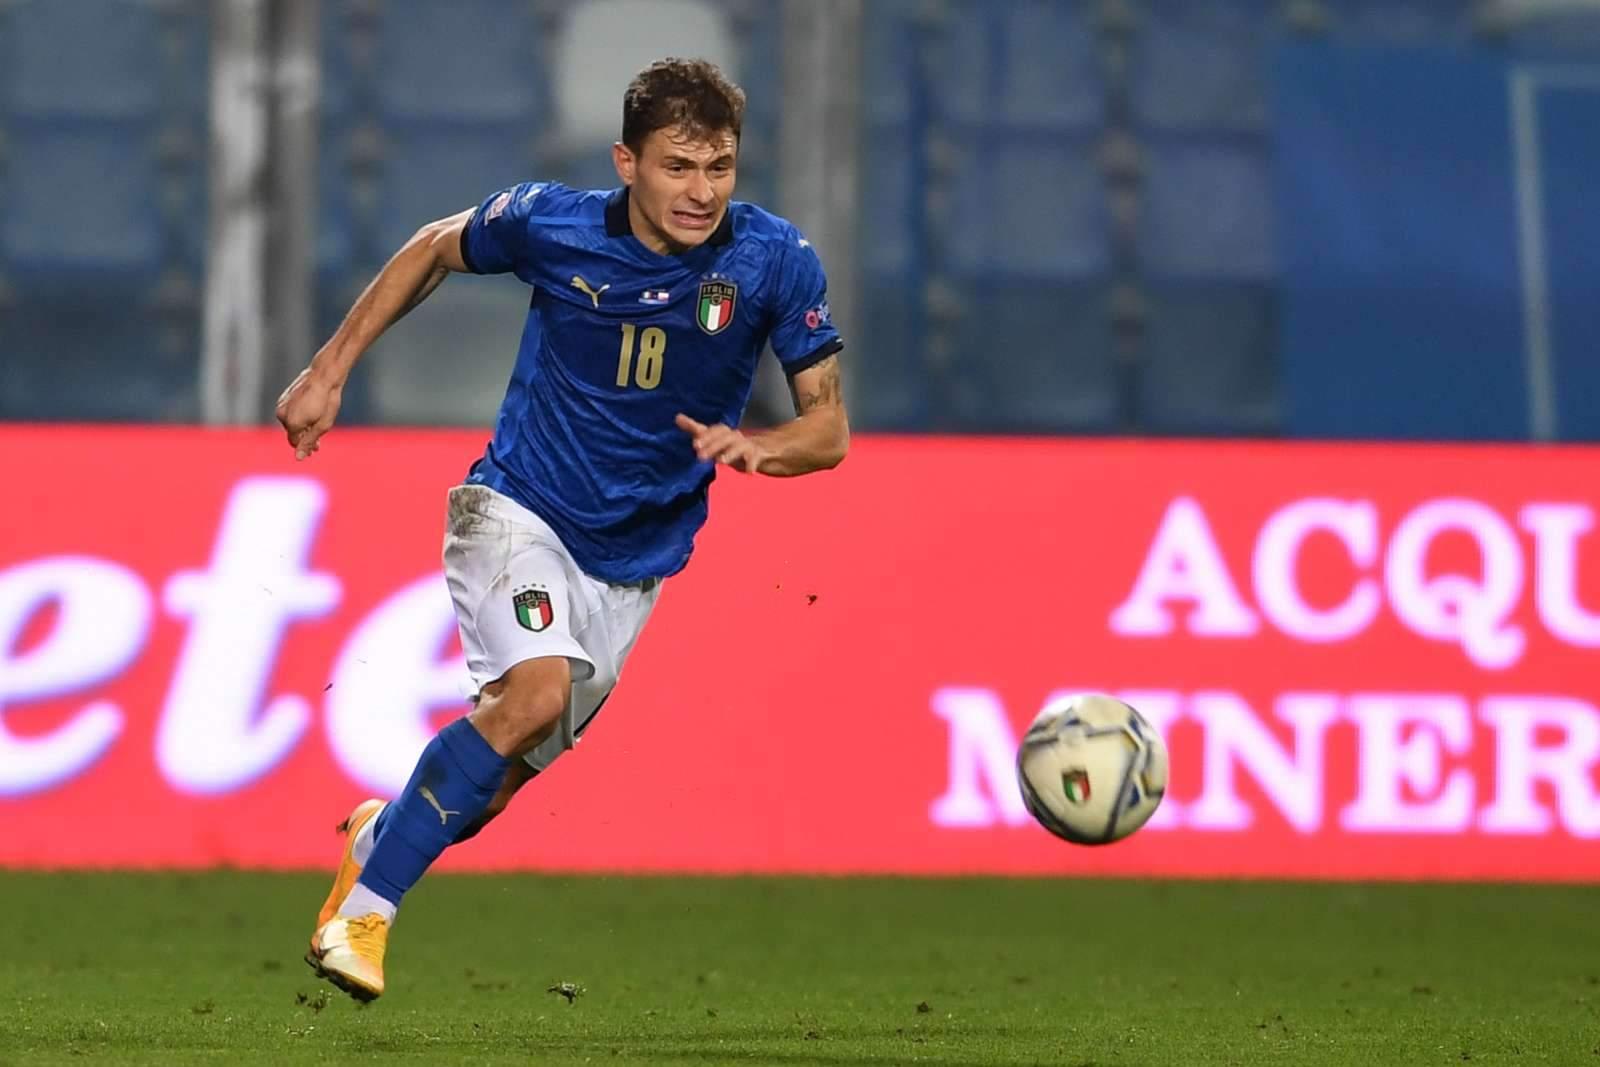 Сборная Италии взяла бронзовые медали Лиги наций, в Турине обыграв Бельгию